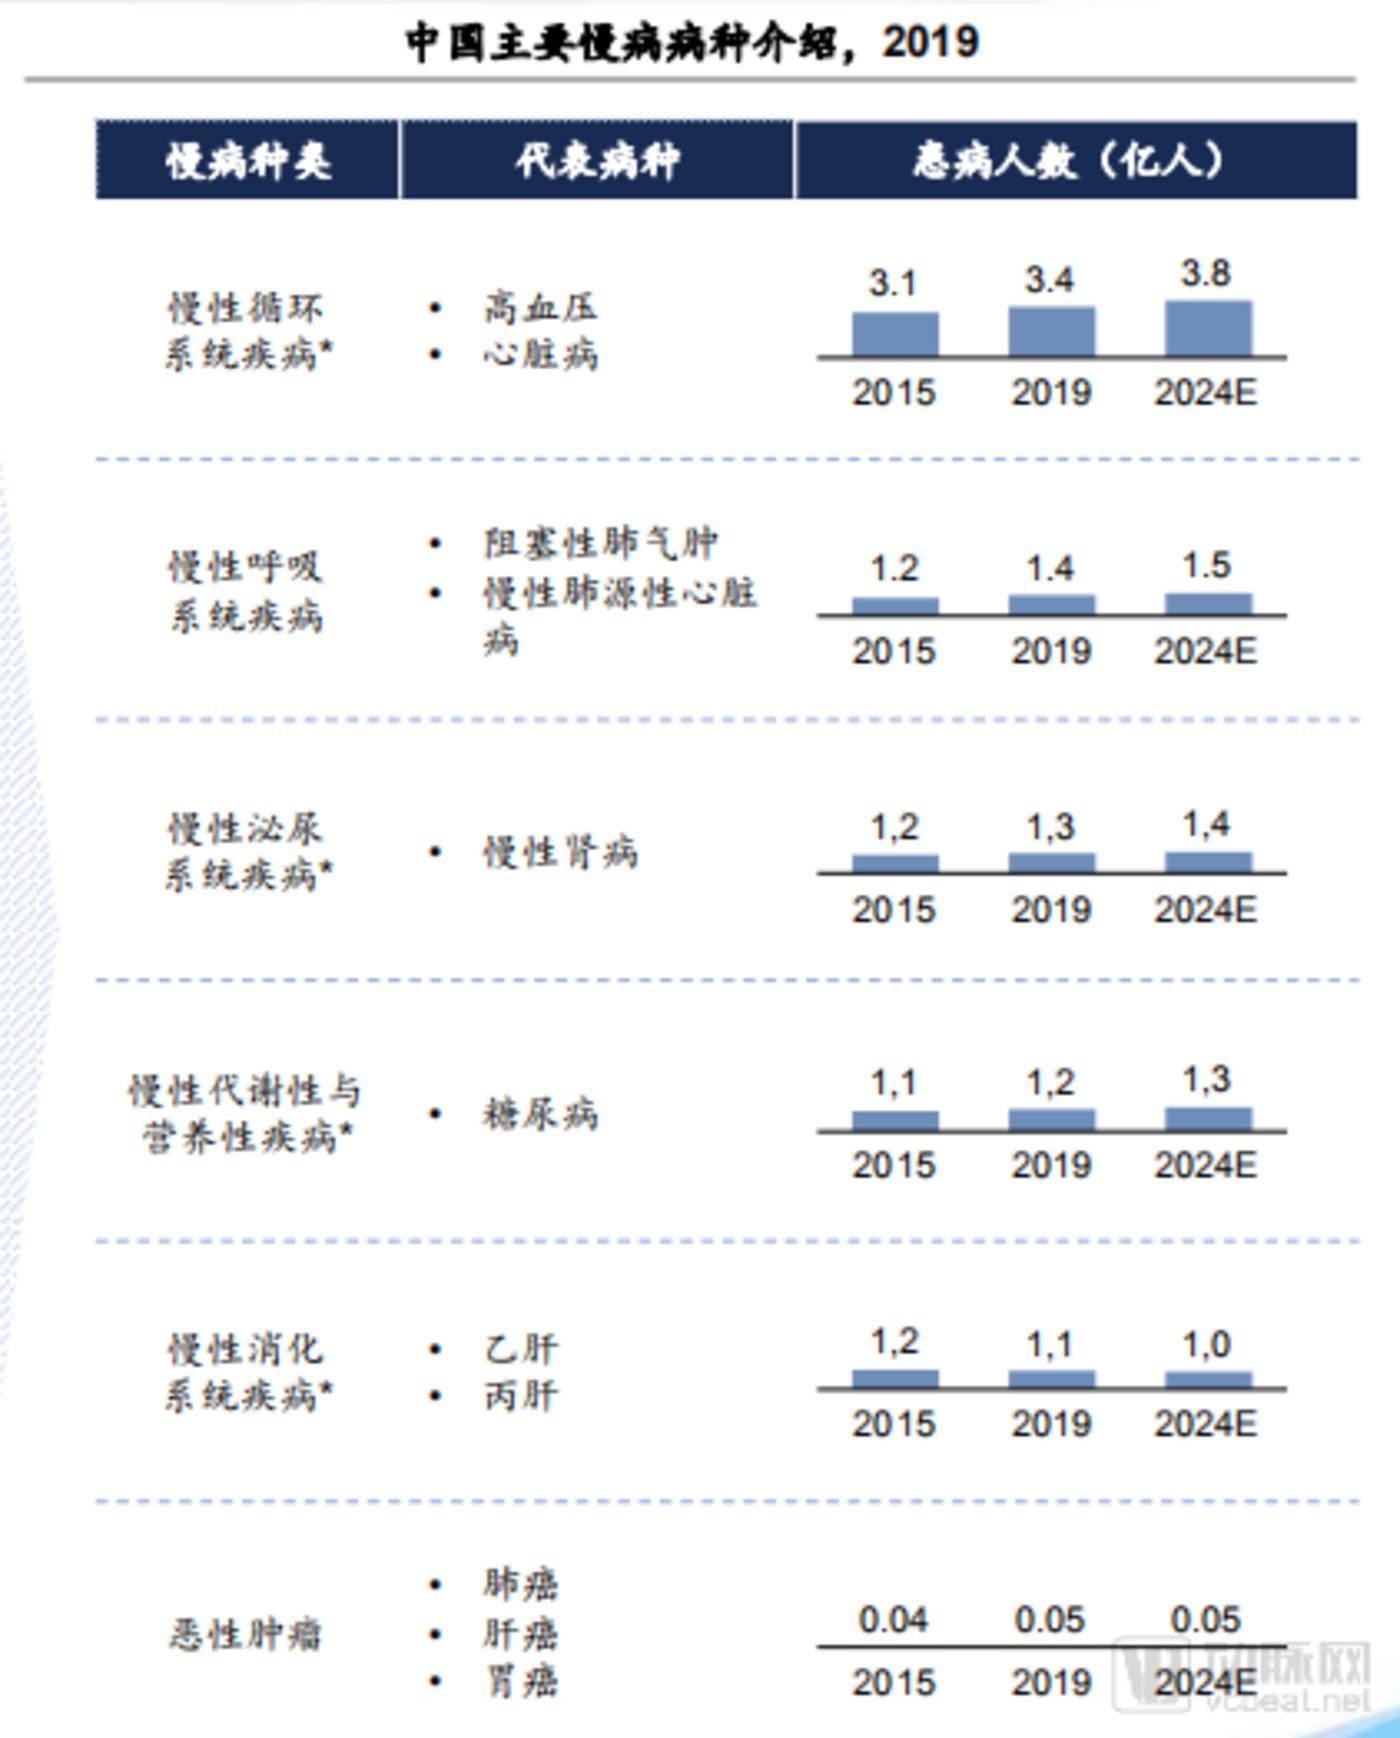 原料来源:《中国互联网慢病管理走业蓝皮书》